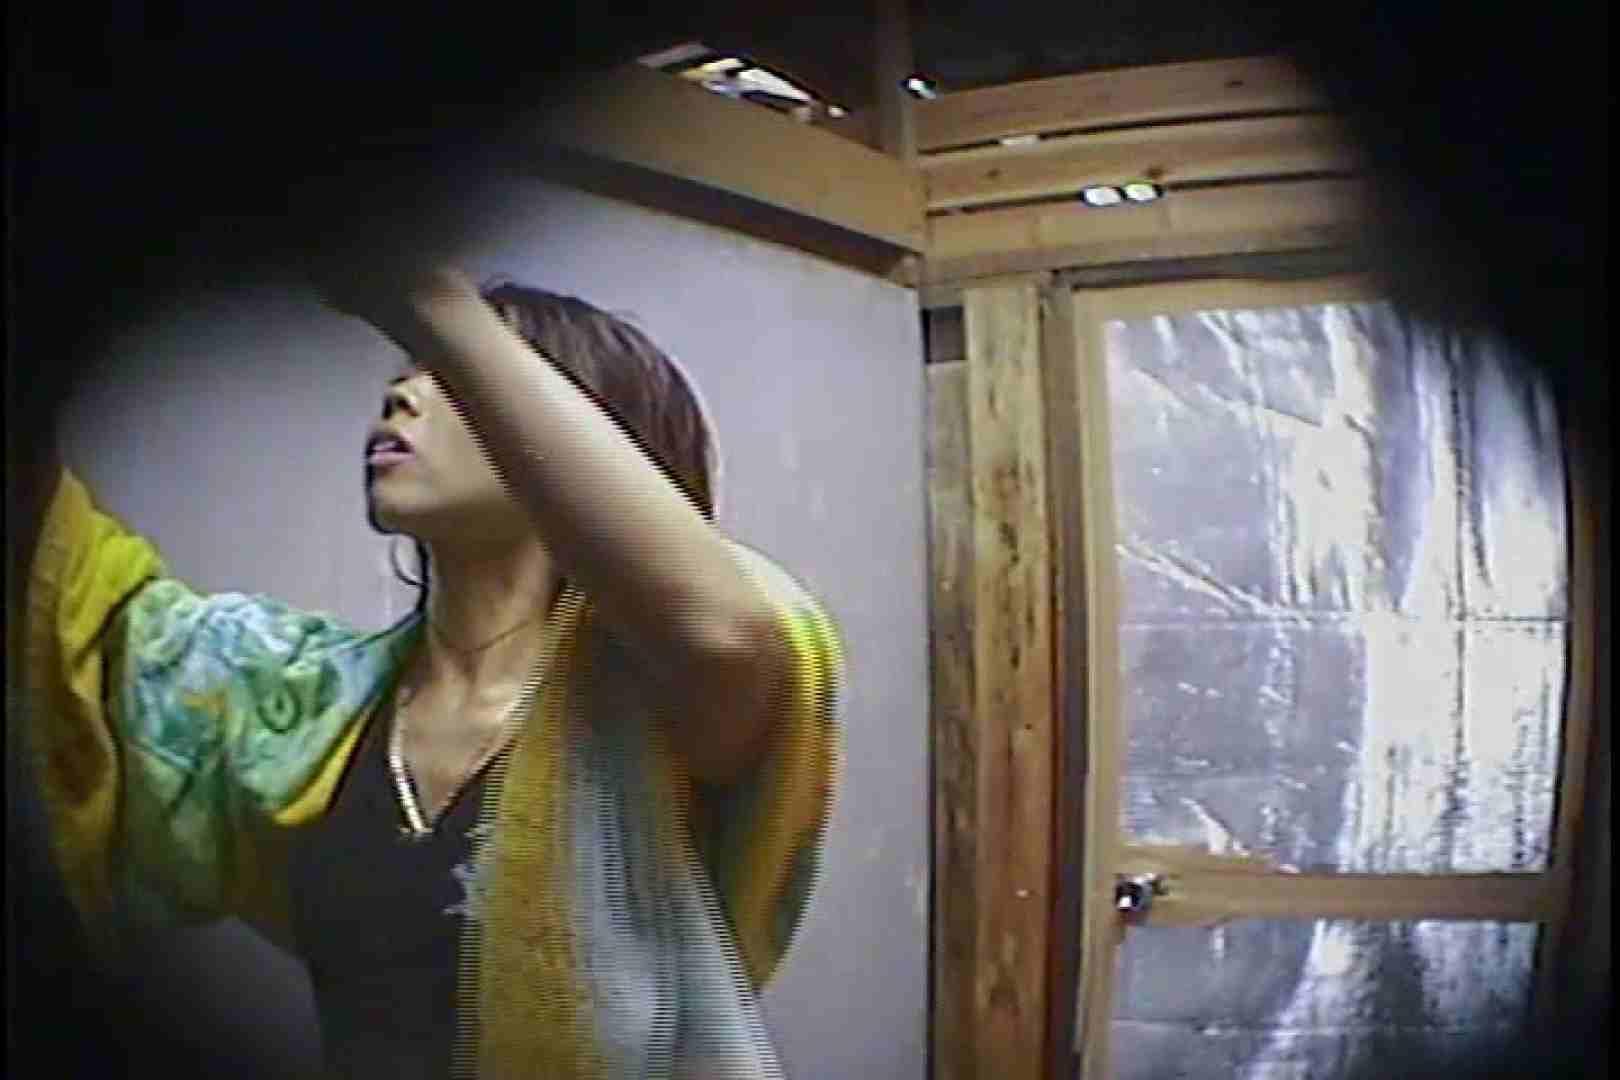 海の家の更衣室 Vol.45 高画質 オマンコ無修正動画無料 79画像 21